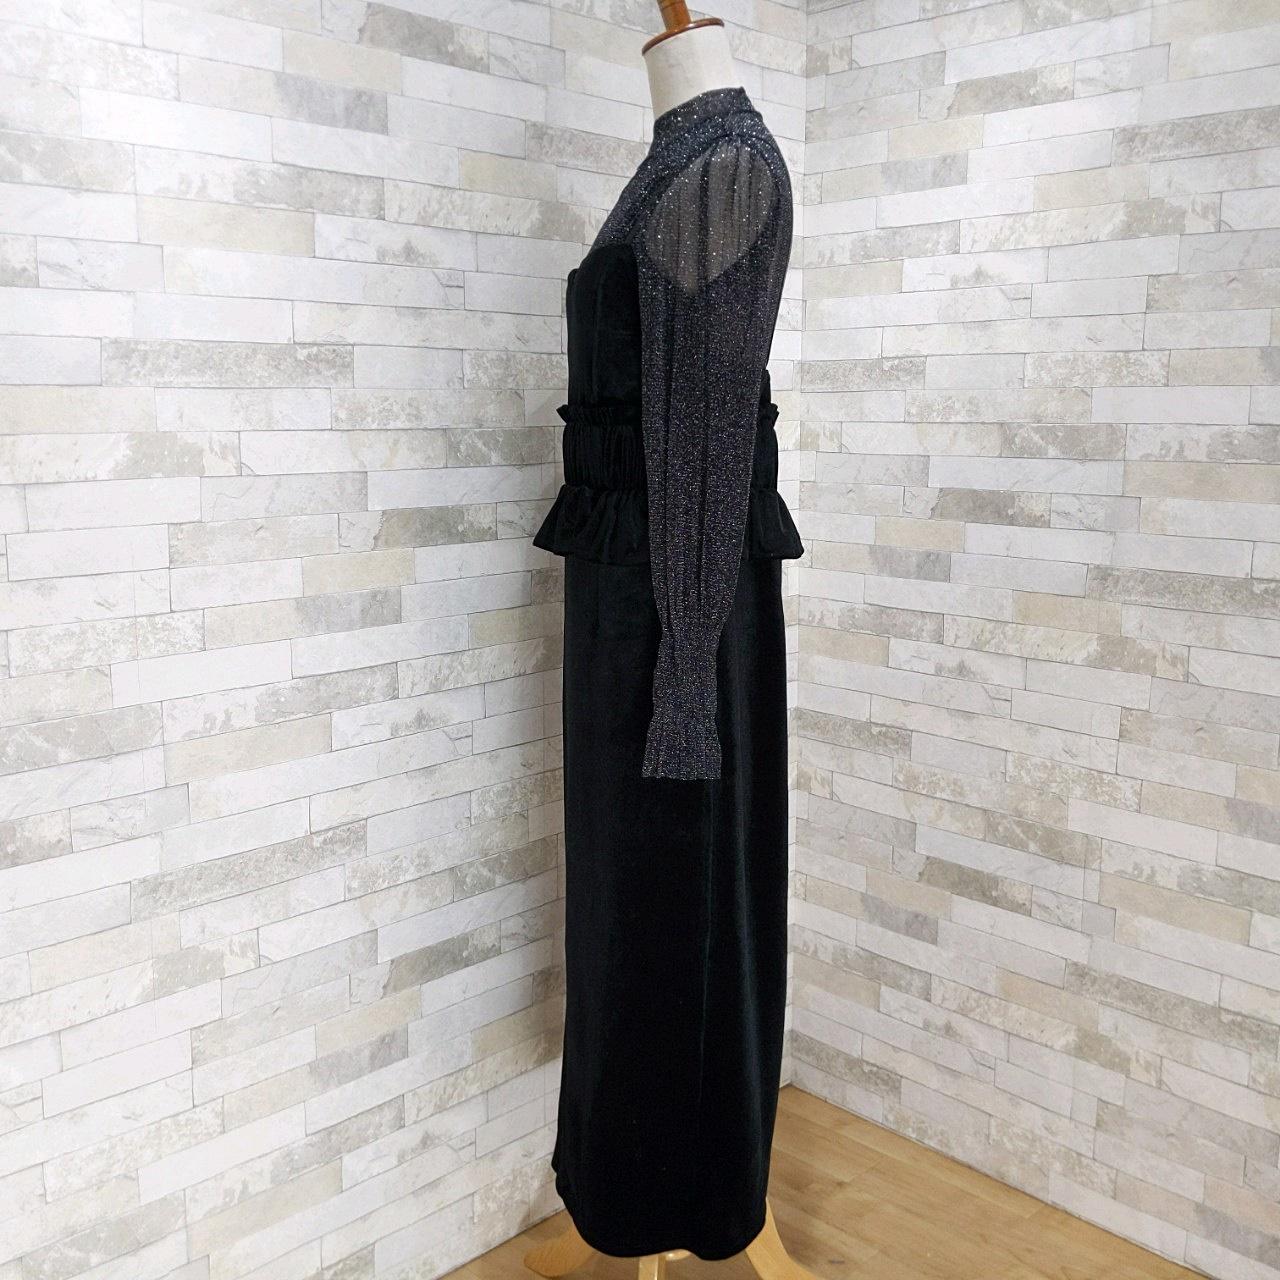 【即納】韓国 ファッション パーティードレス 結婚式 お呼ばれドレス セットアップ 秋 冬 春 パーティー ブライダル SPTXG154  シースルー ペプラム タイト キャ 二次会 セレブ きれいめの写真11枚目